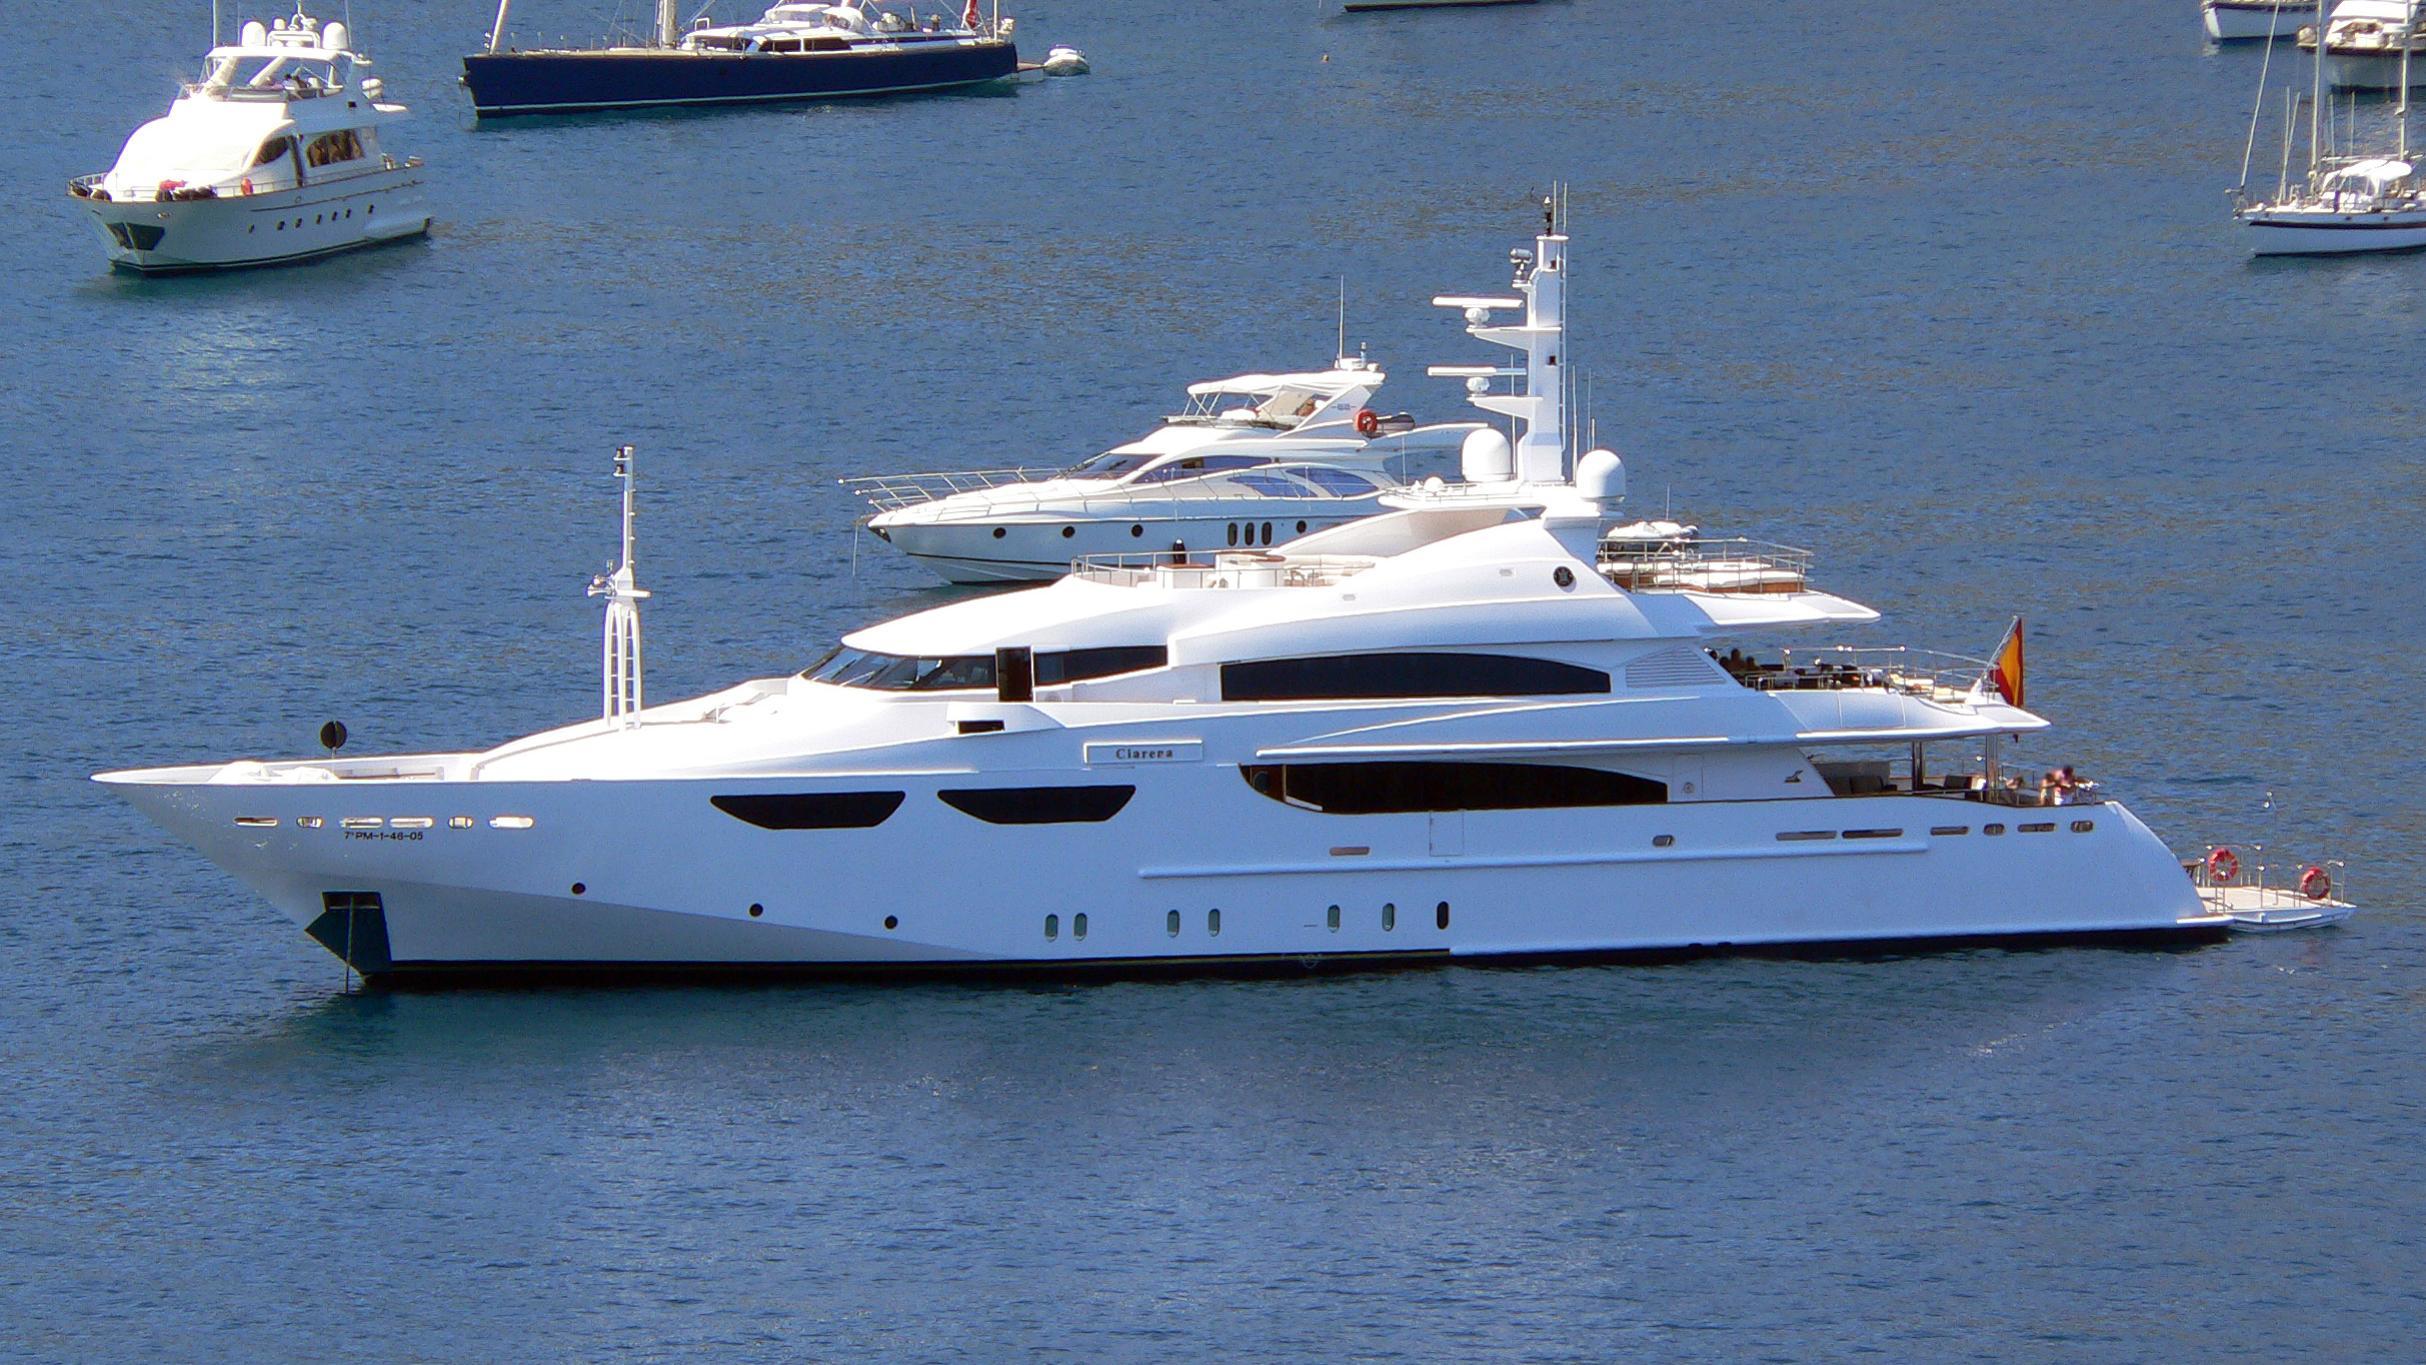 cacique-yacht-exterior